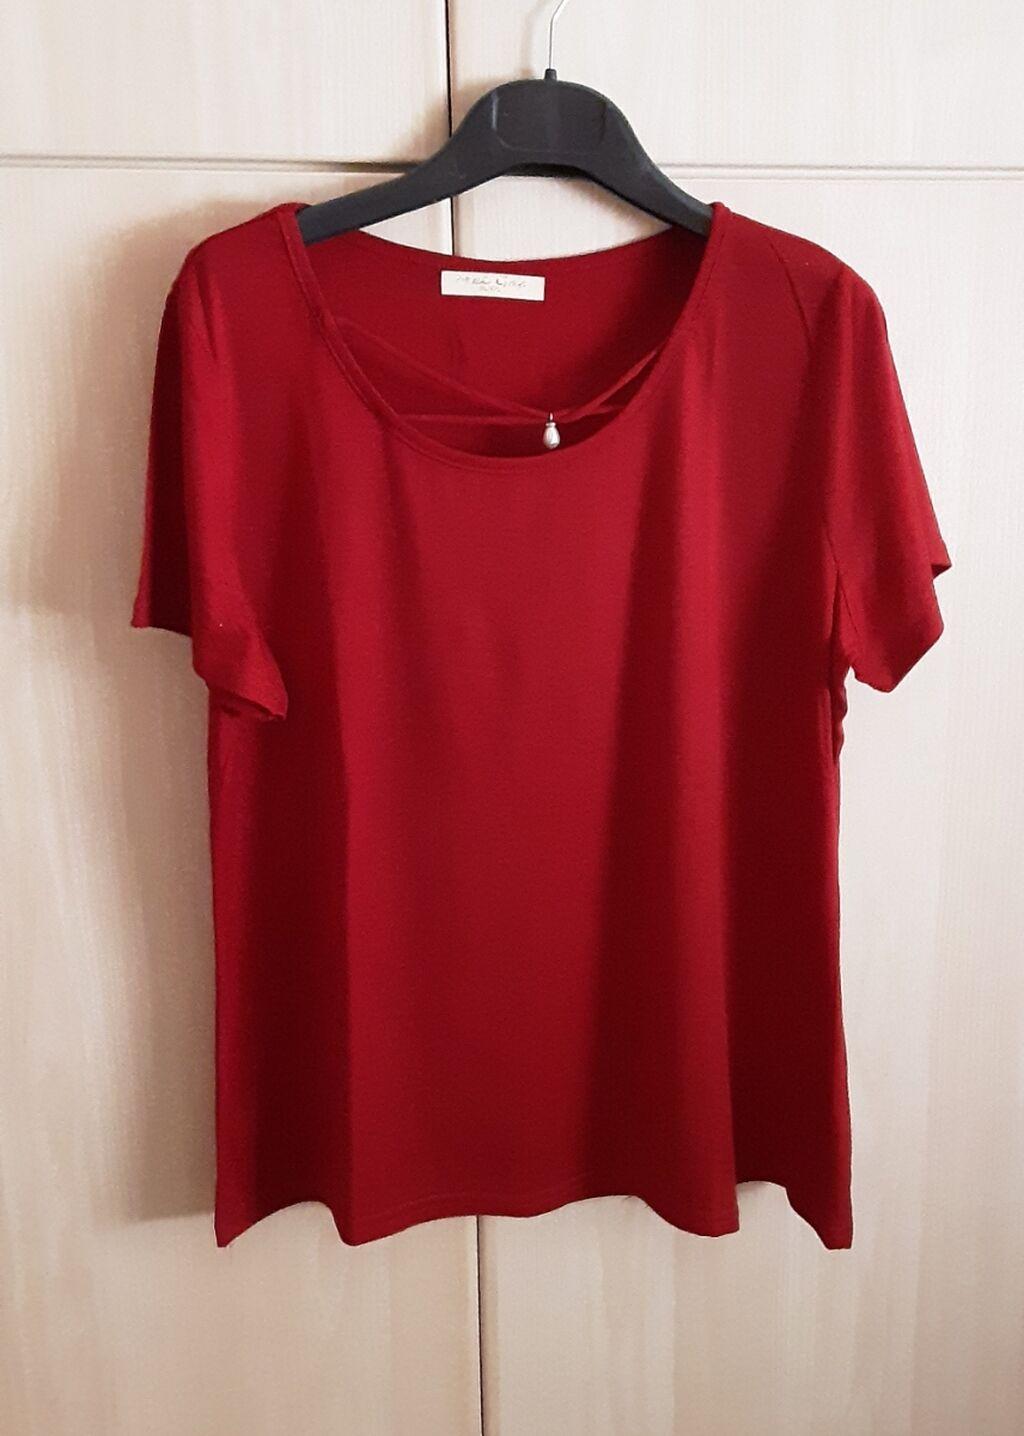 Αθλητικές φόρμες - Καματερó: Μπλούζες  XXL, ελάχιστα φορεμένες, άριστη κατάσταση